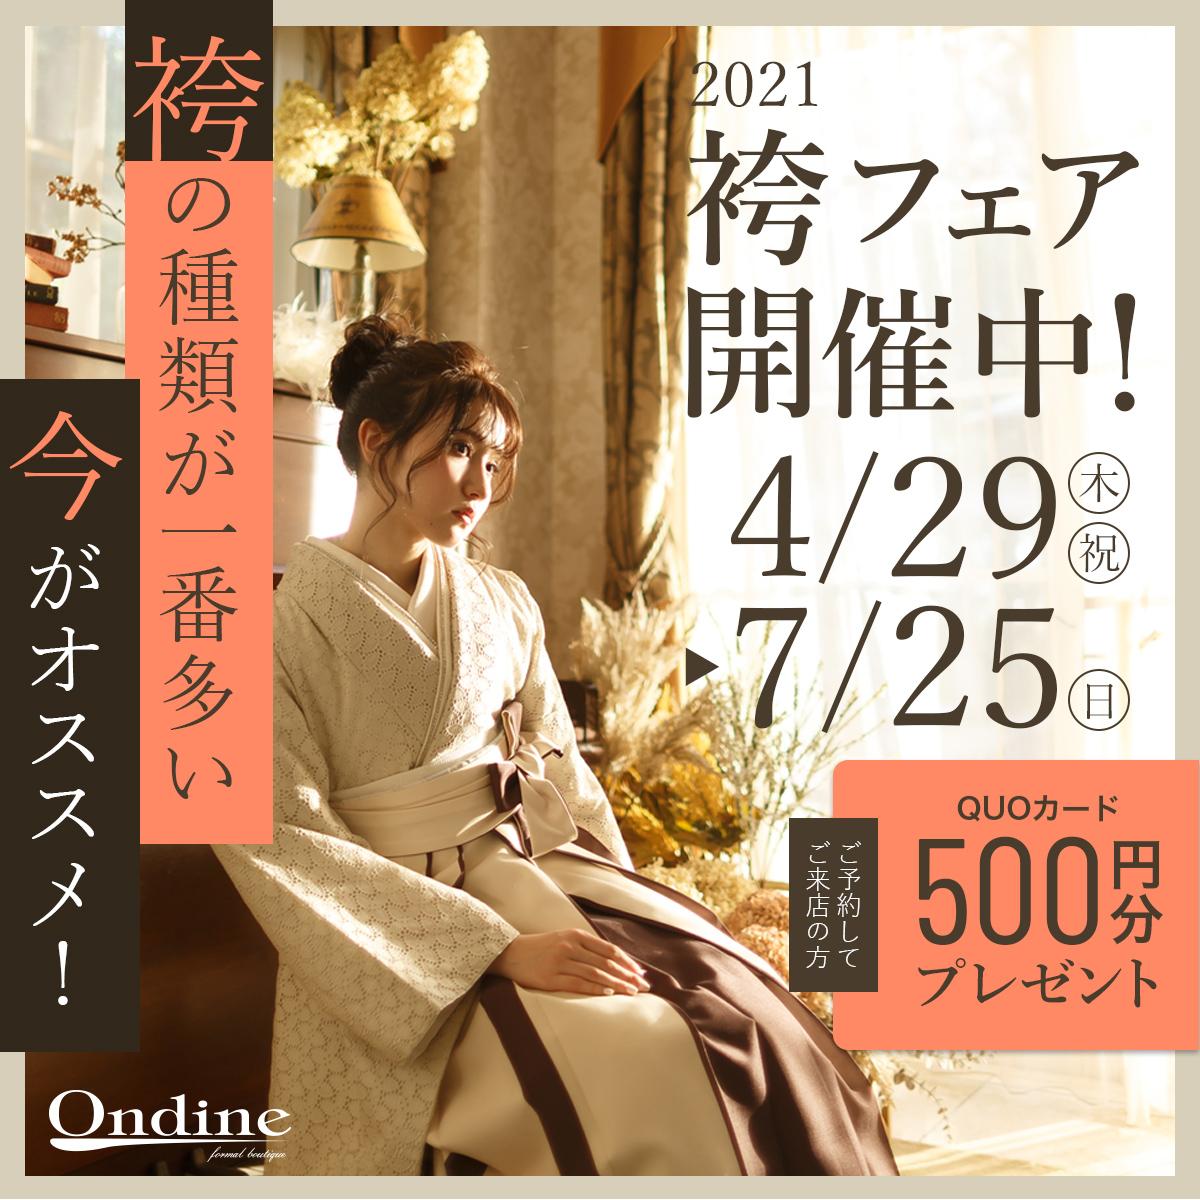 《4/29(木)~7/25(日)》宇都宮店袴フェア開催!